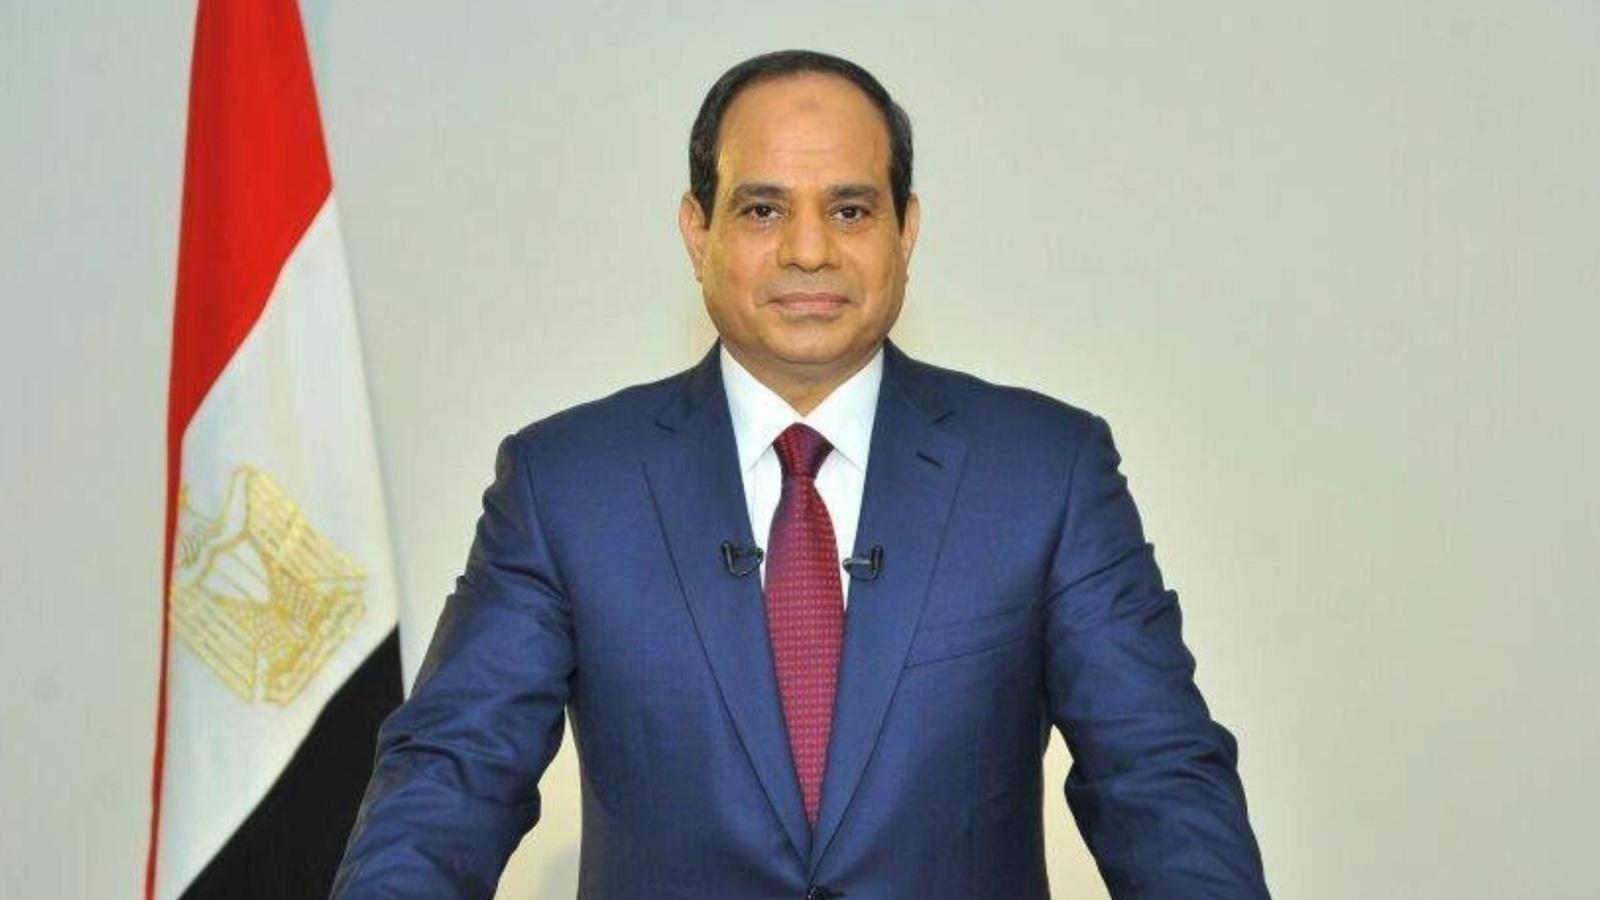 السيسي يصدر قرارا بمعاقبة قاض كبير وتخصيص أراض جديدة للجيش المصري